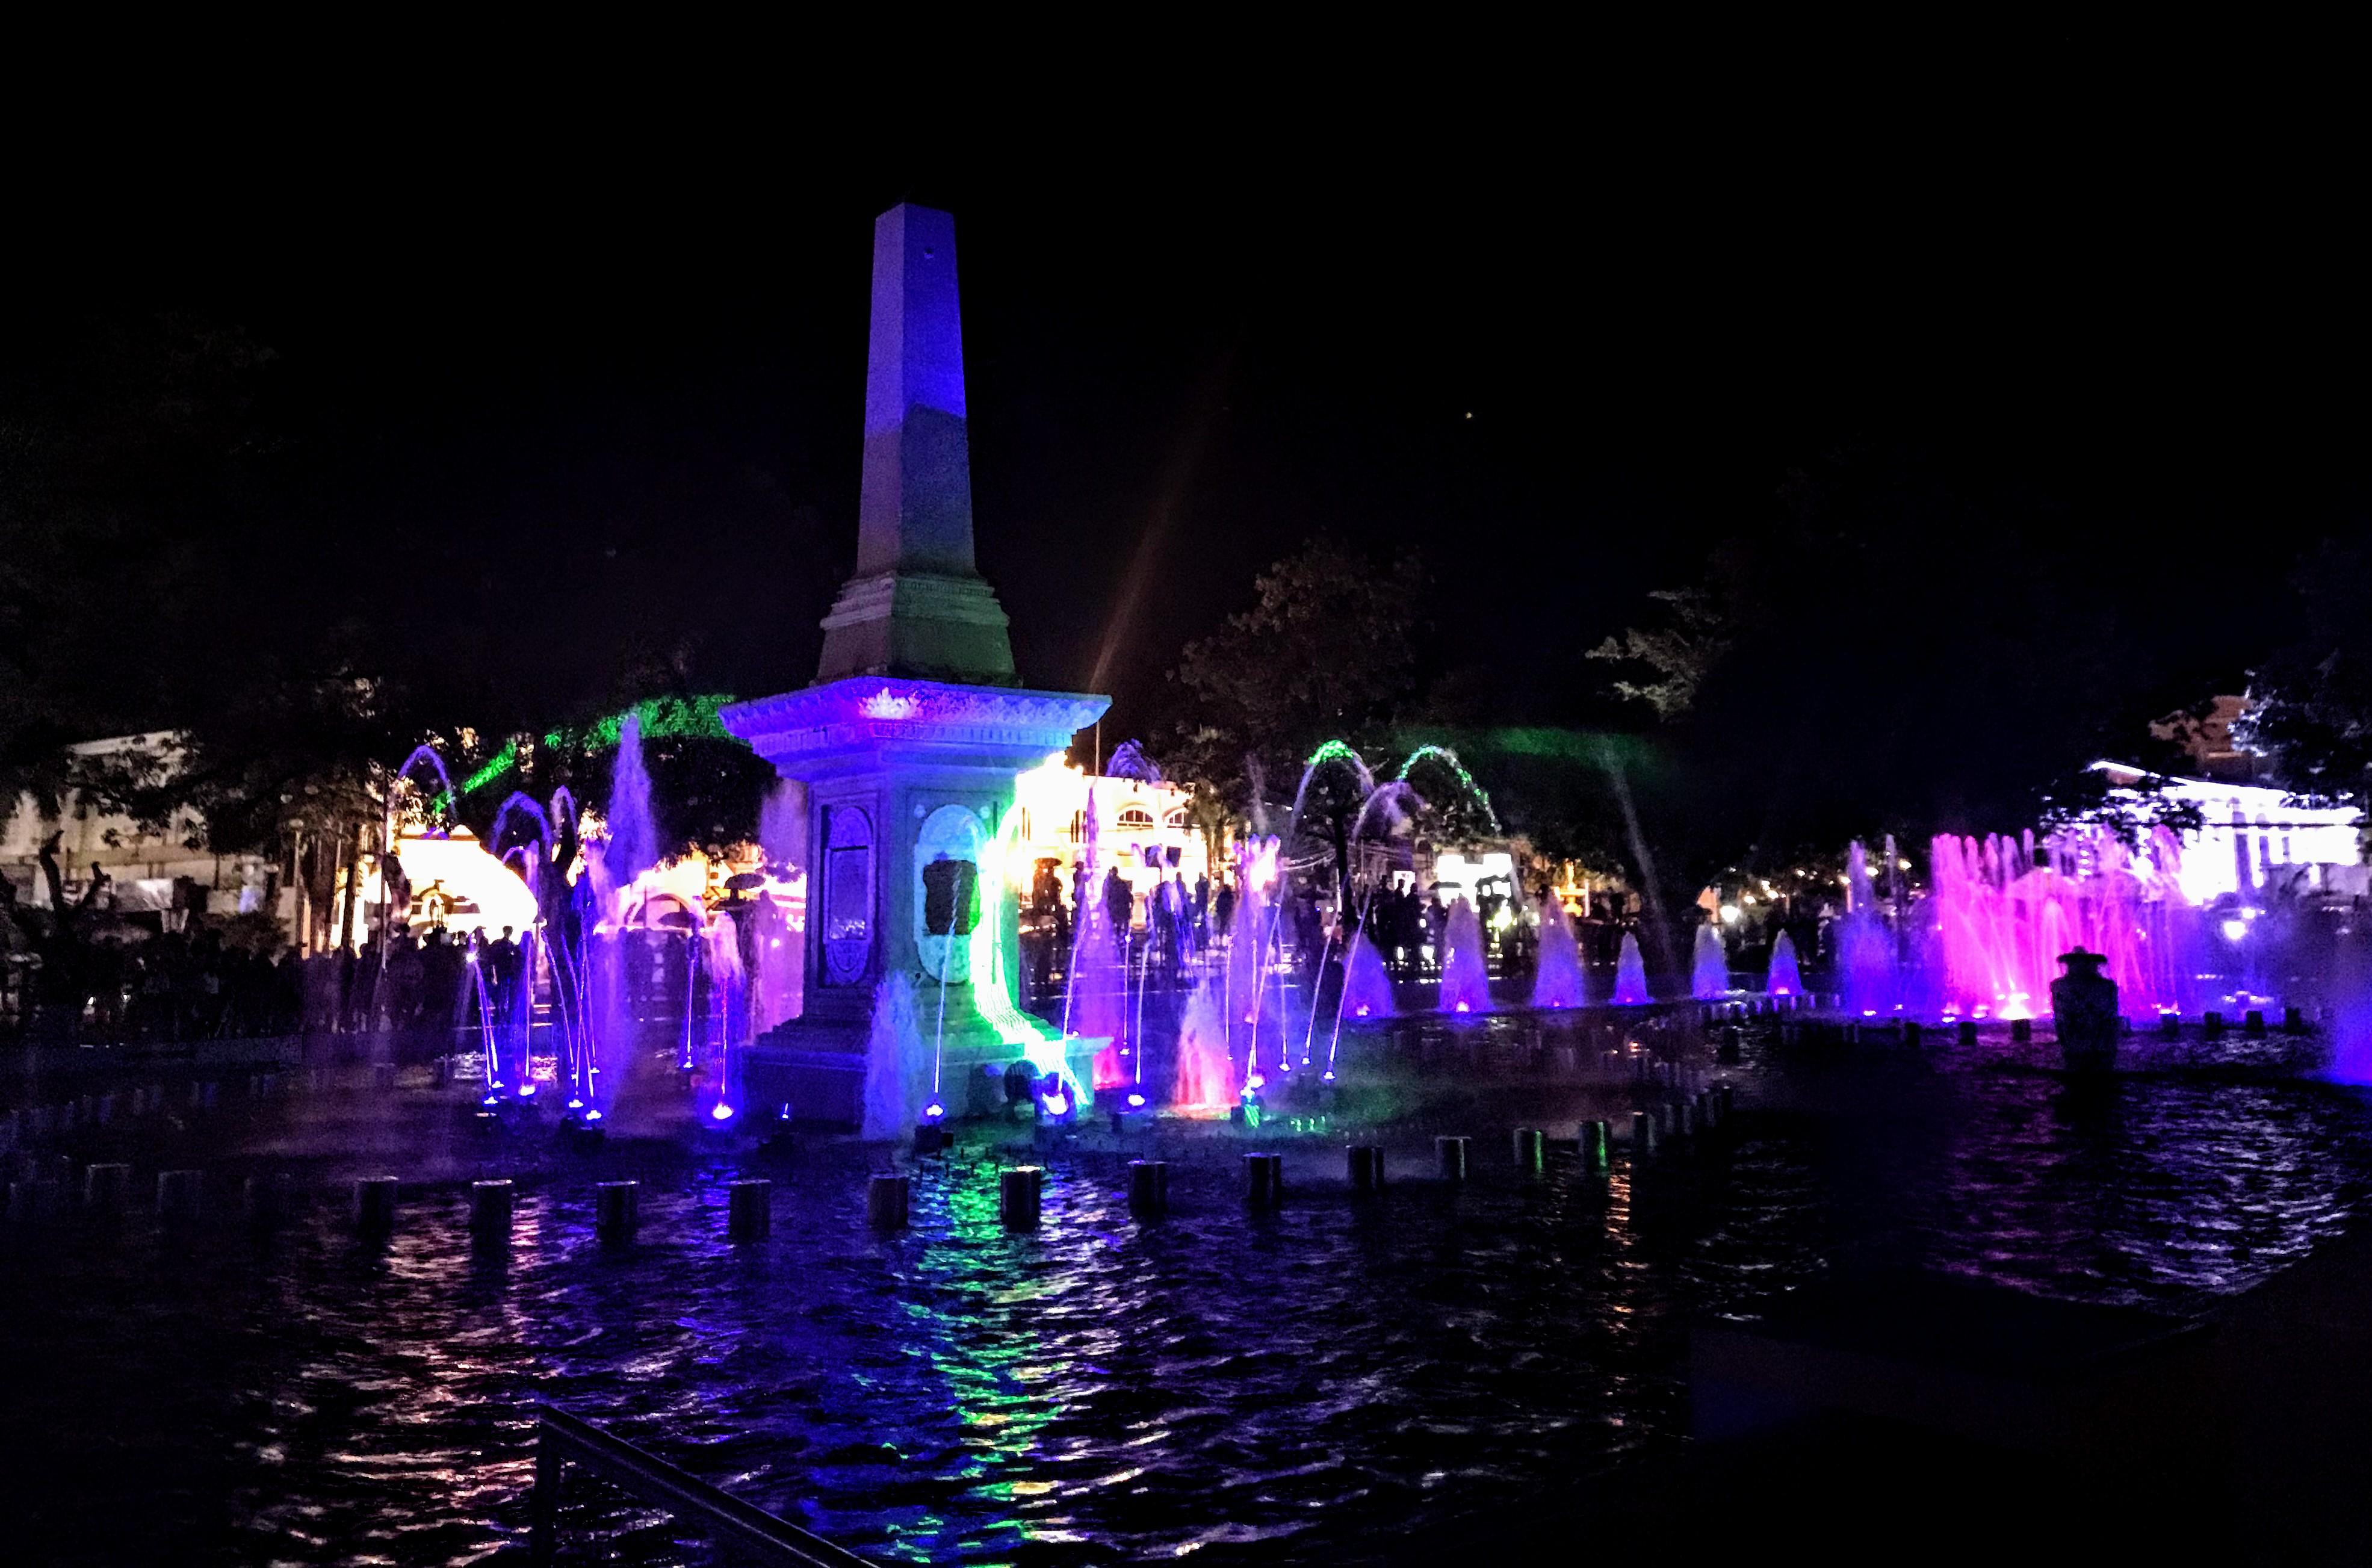 Plaza Salcedo (dancing fountain), Vigan, Philippines